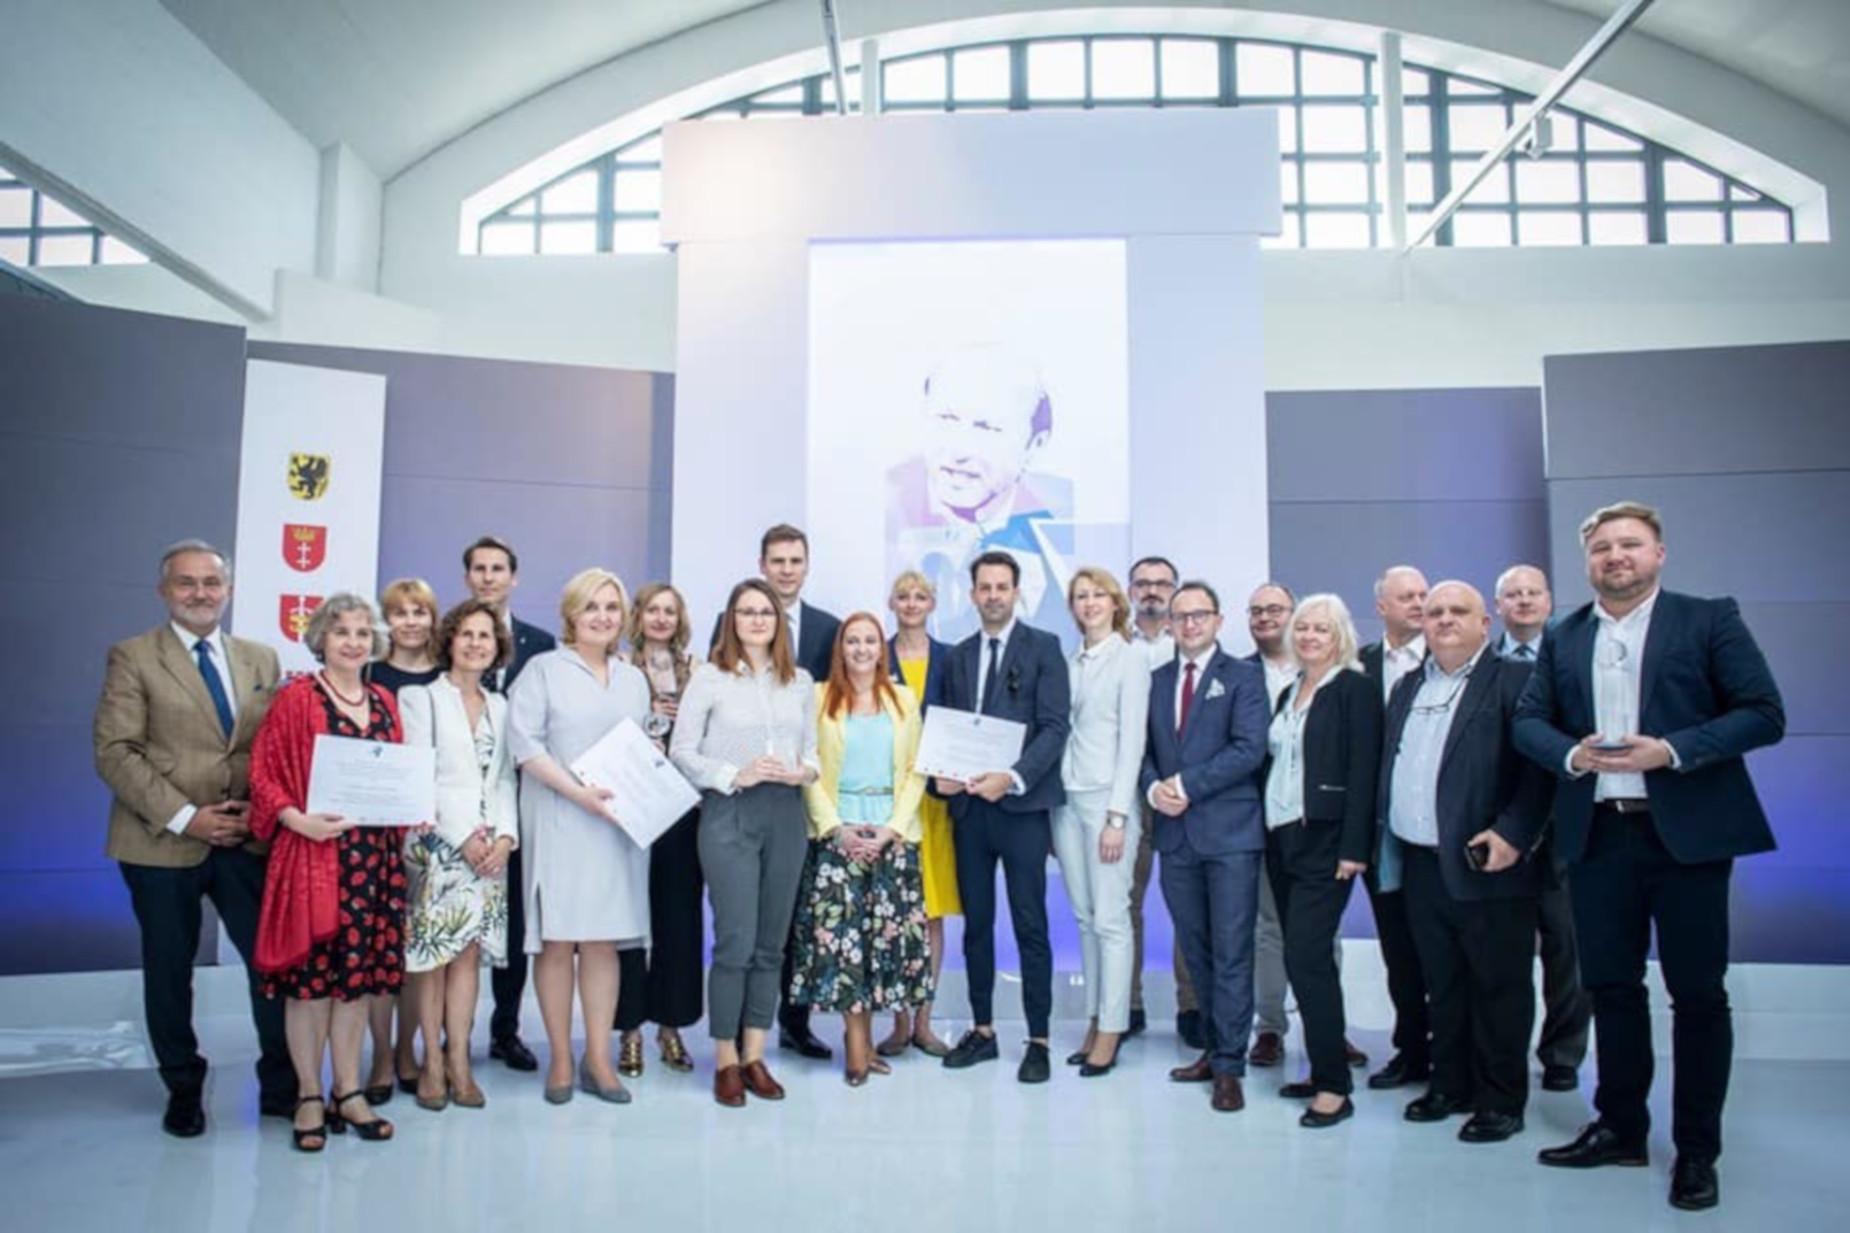 Piszą o życiu Polaków na całym świecie. Najlepsi dziennikarze polonijni odebrali Nagrody im. Macieja Płażyńskiego